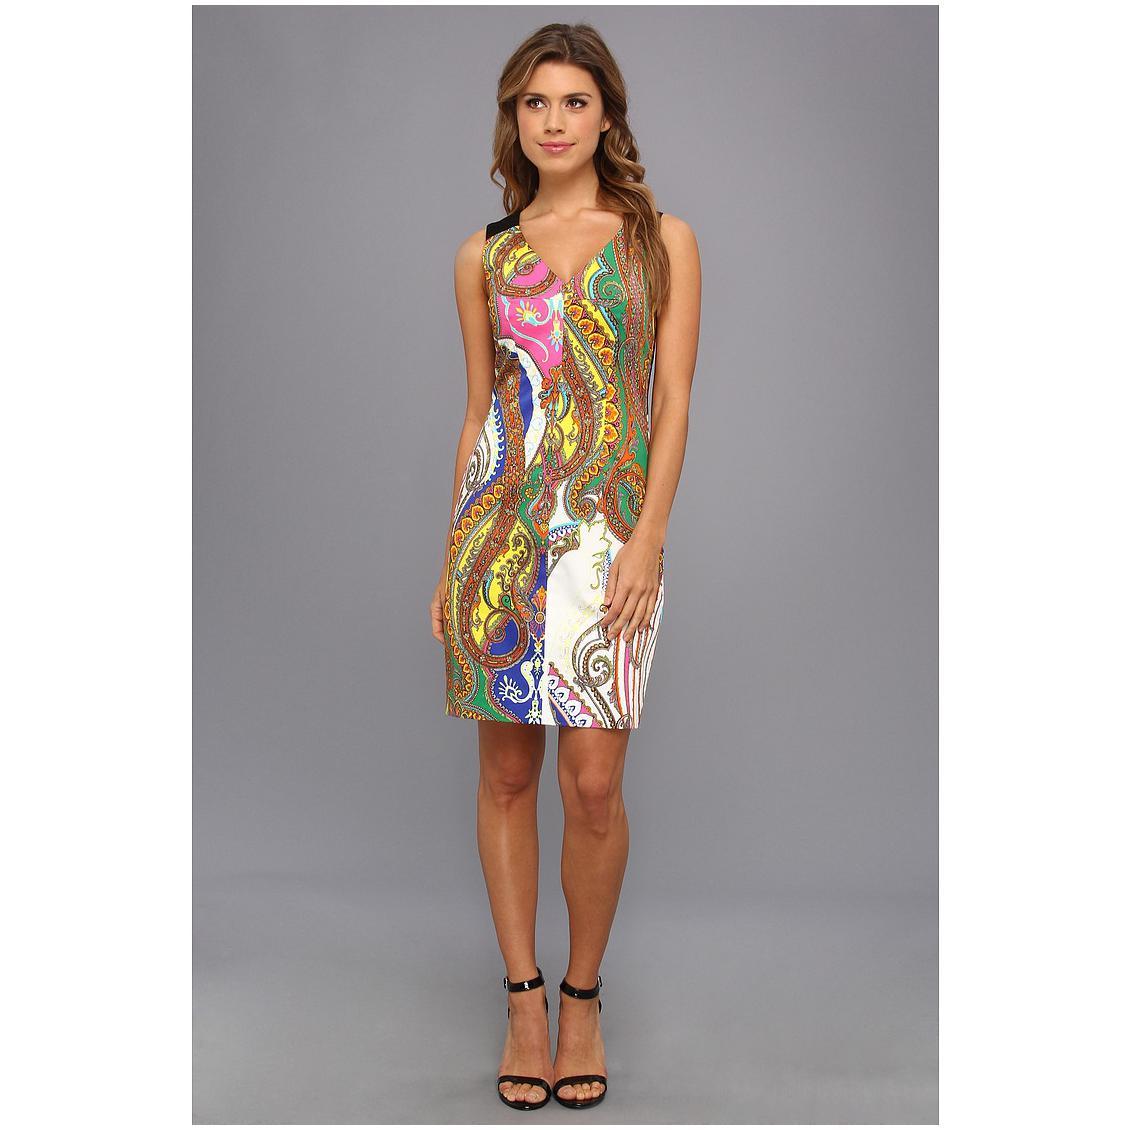 f792b50365b Trina Turk Dresses  The Perfect Pick in All 4 Seasons – careyfashion.com